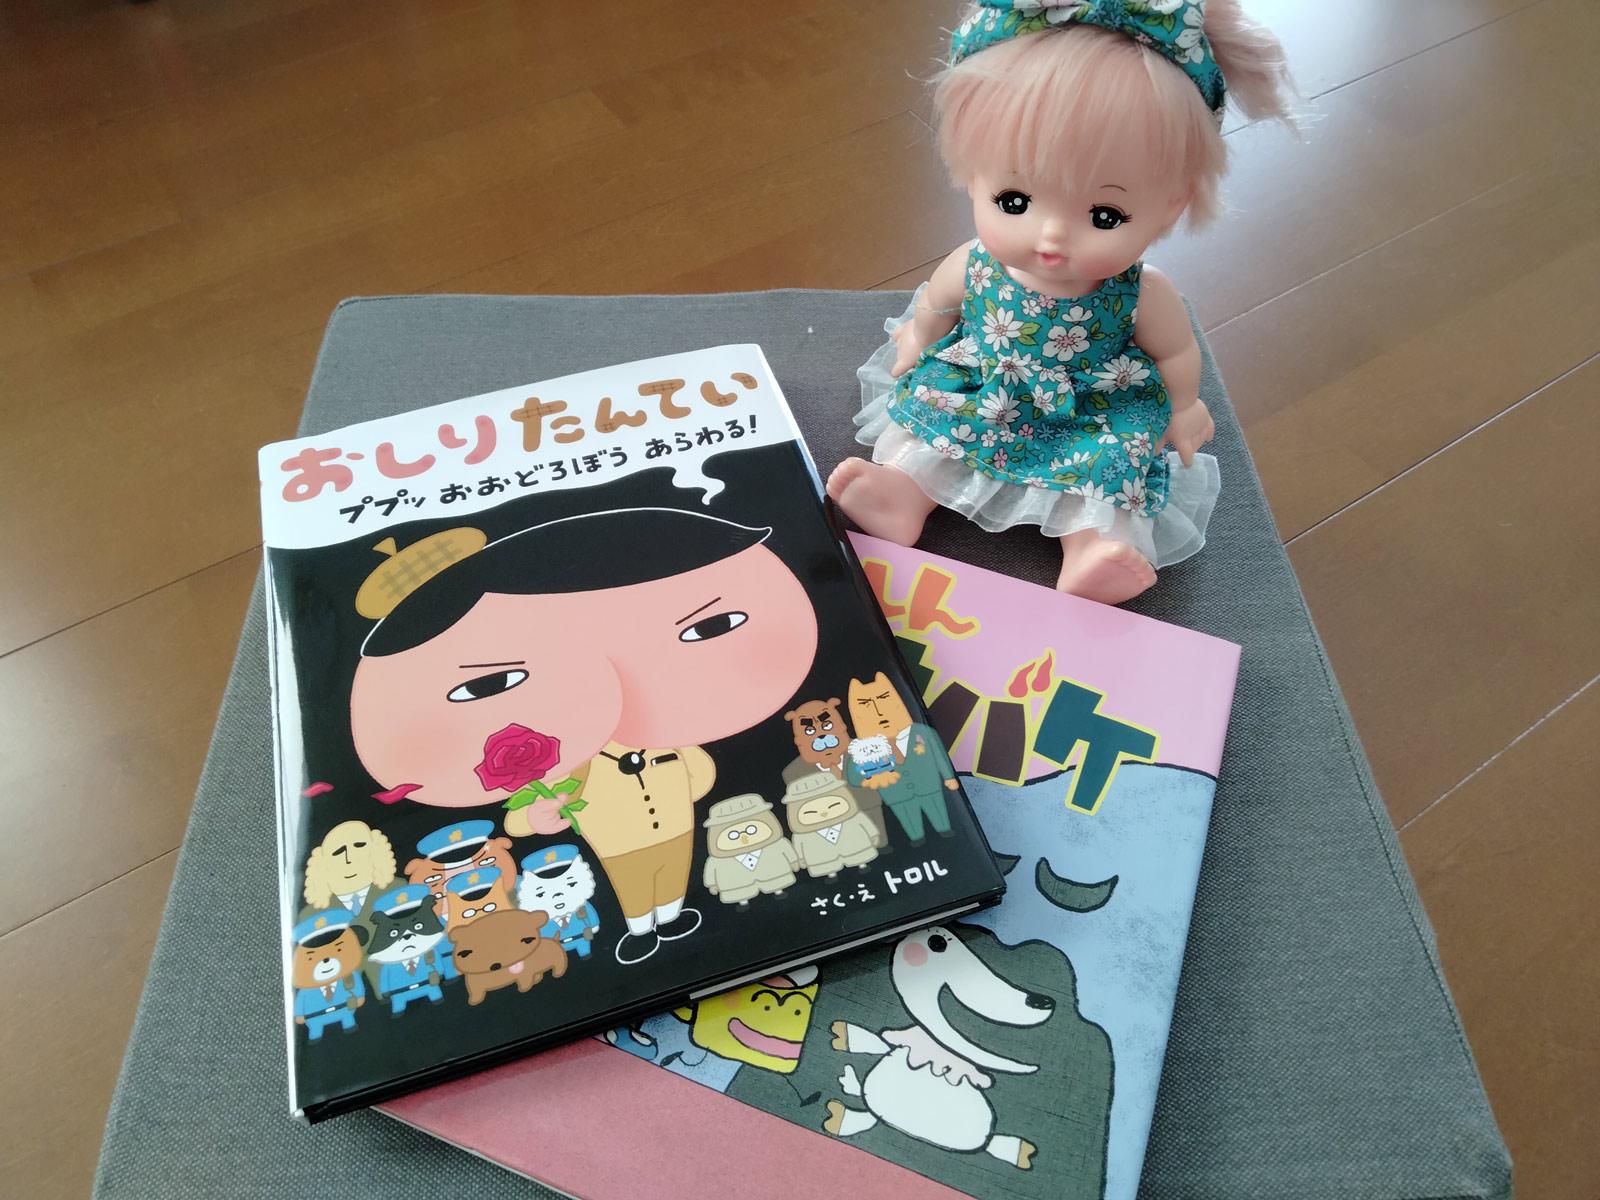 2000円以内で買える3歳の女の子が喜ぶプレゼント